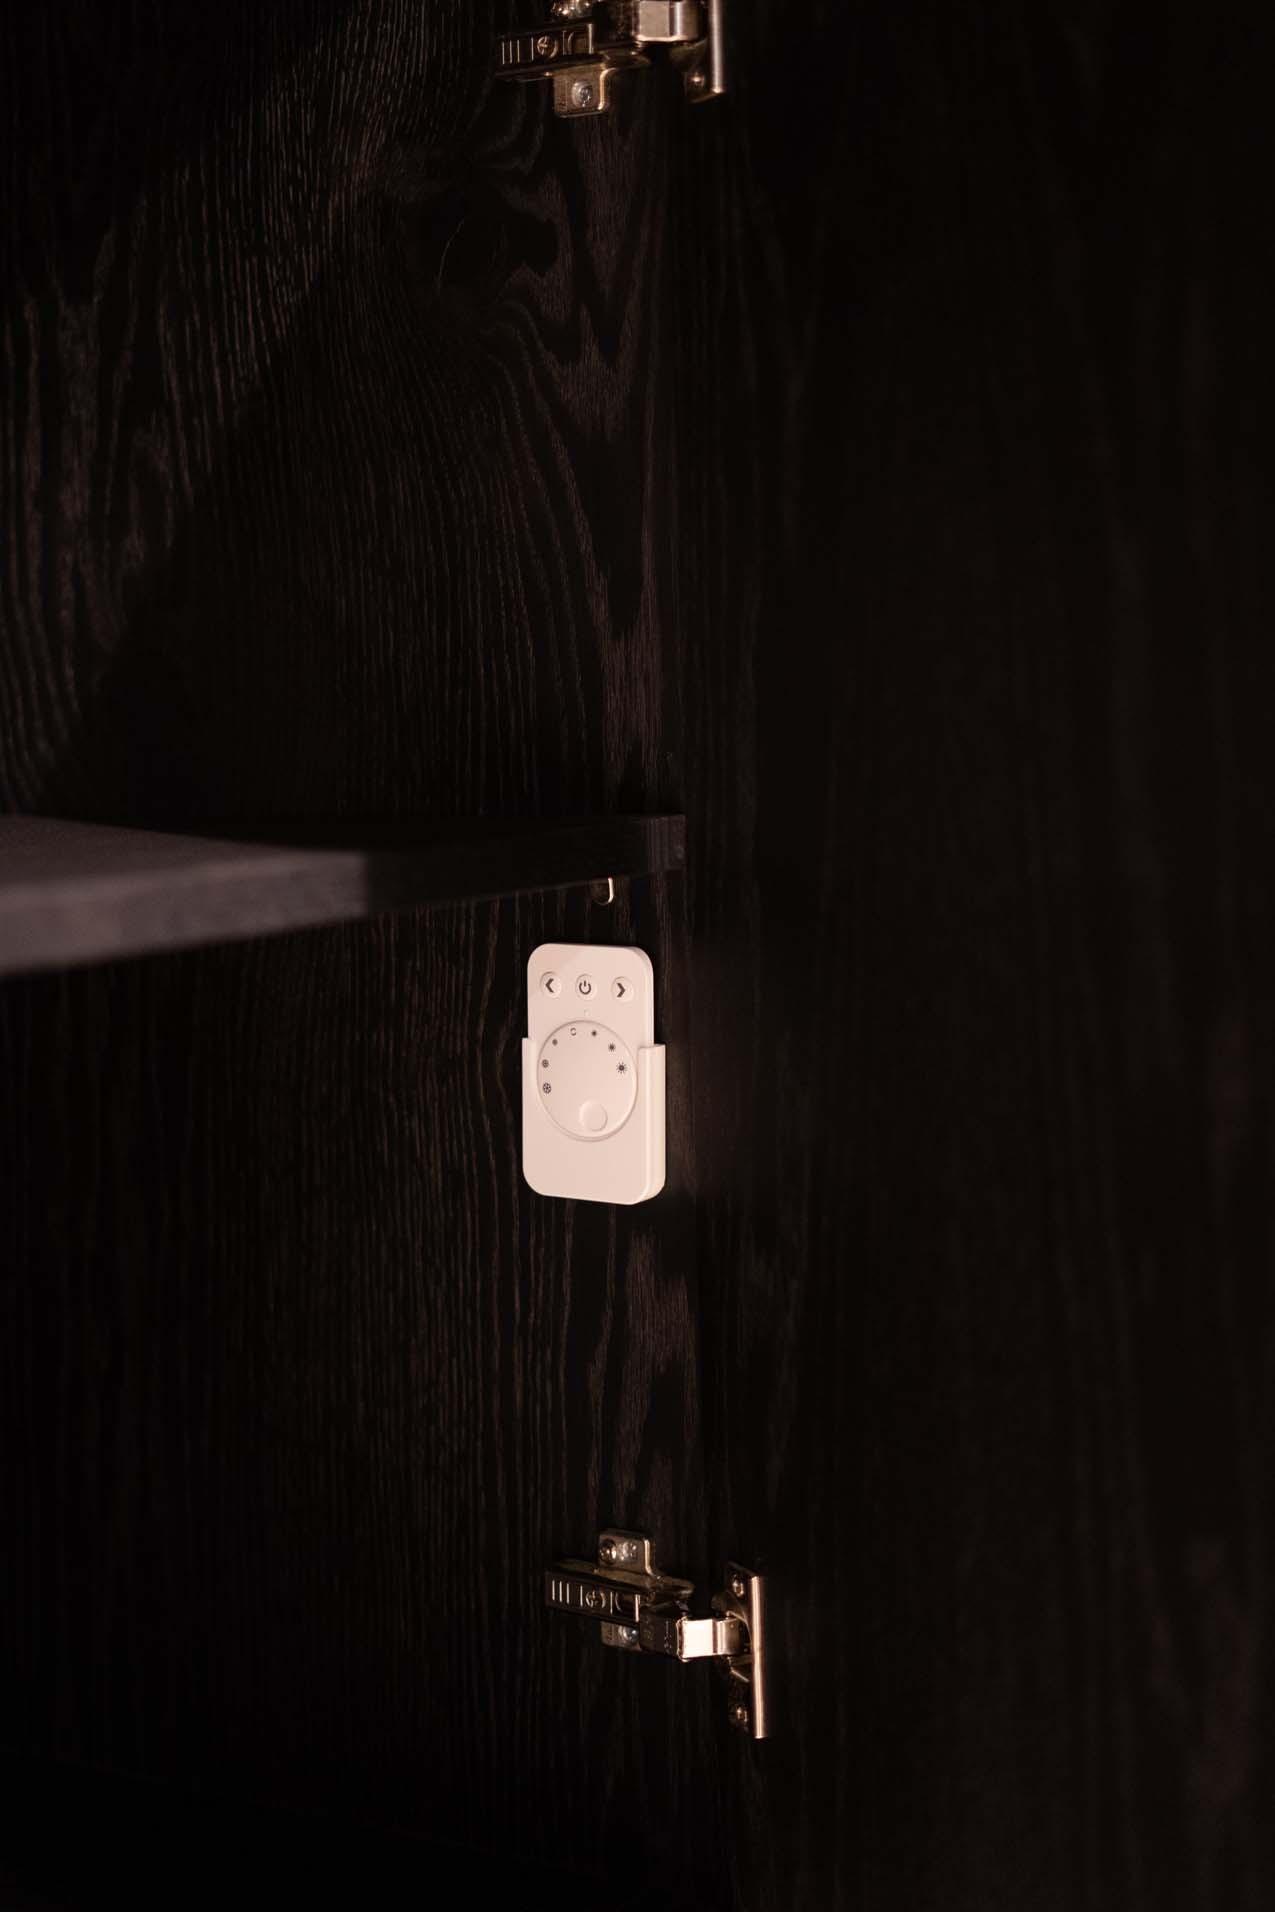 Soof_s TV -_ Wandmeubelen detailfoto afstandbediening voor let verlichting